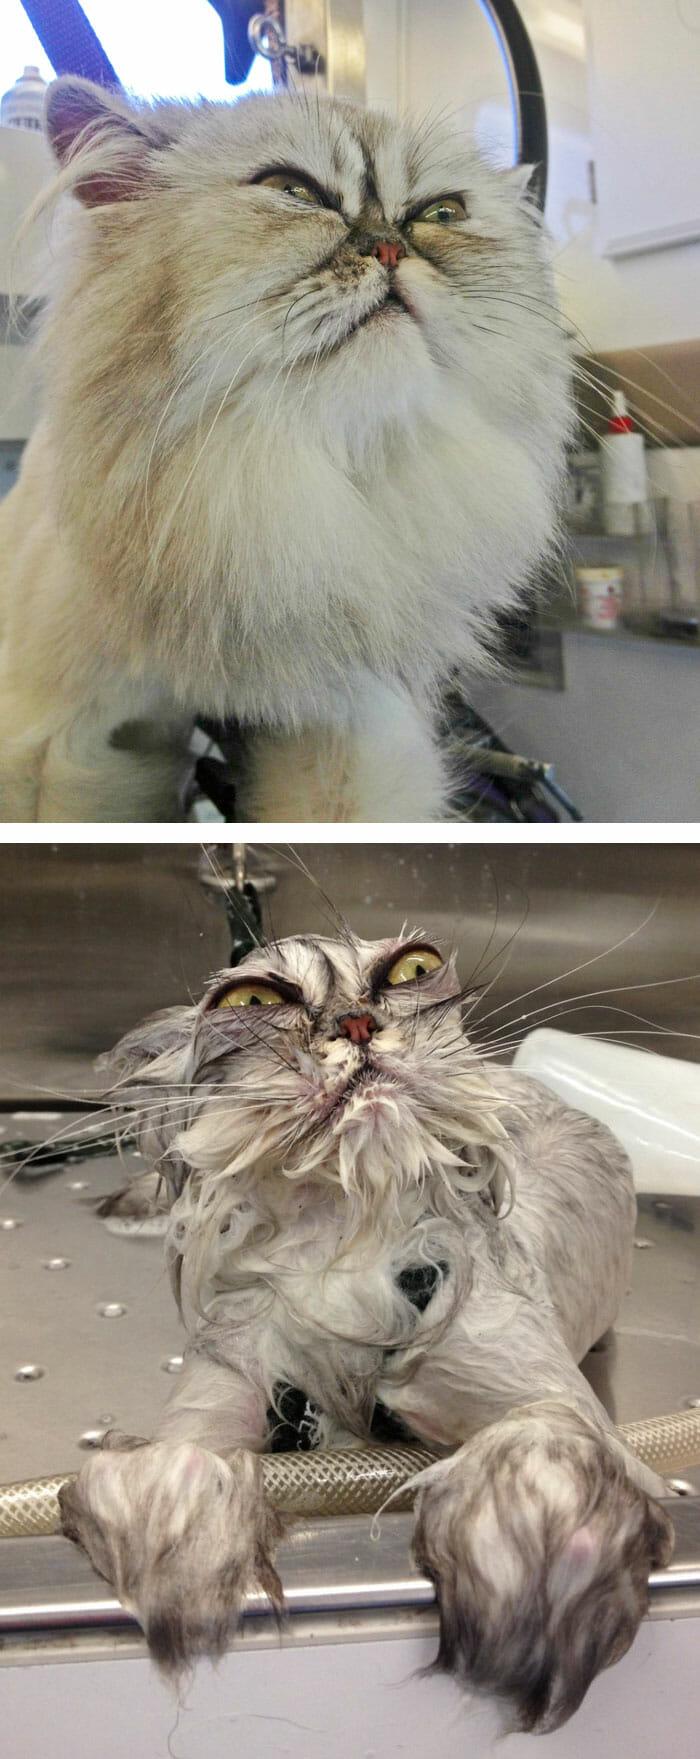 animais-antes-depois-do-banho_30